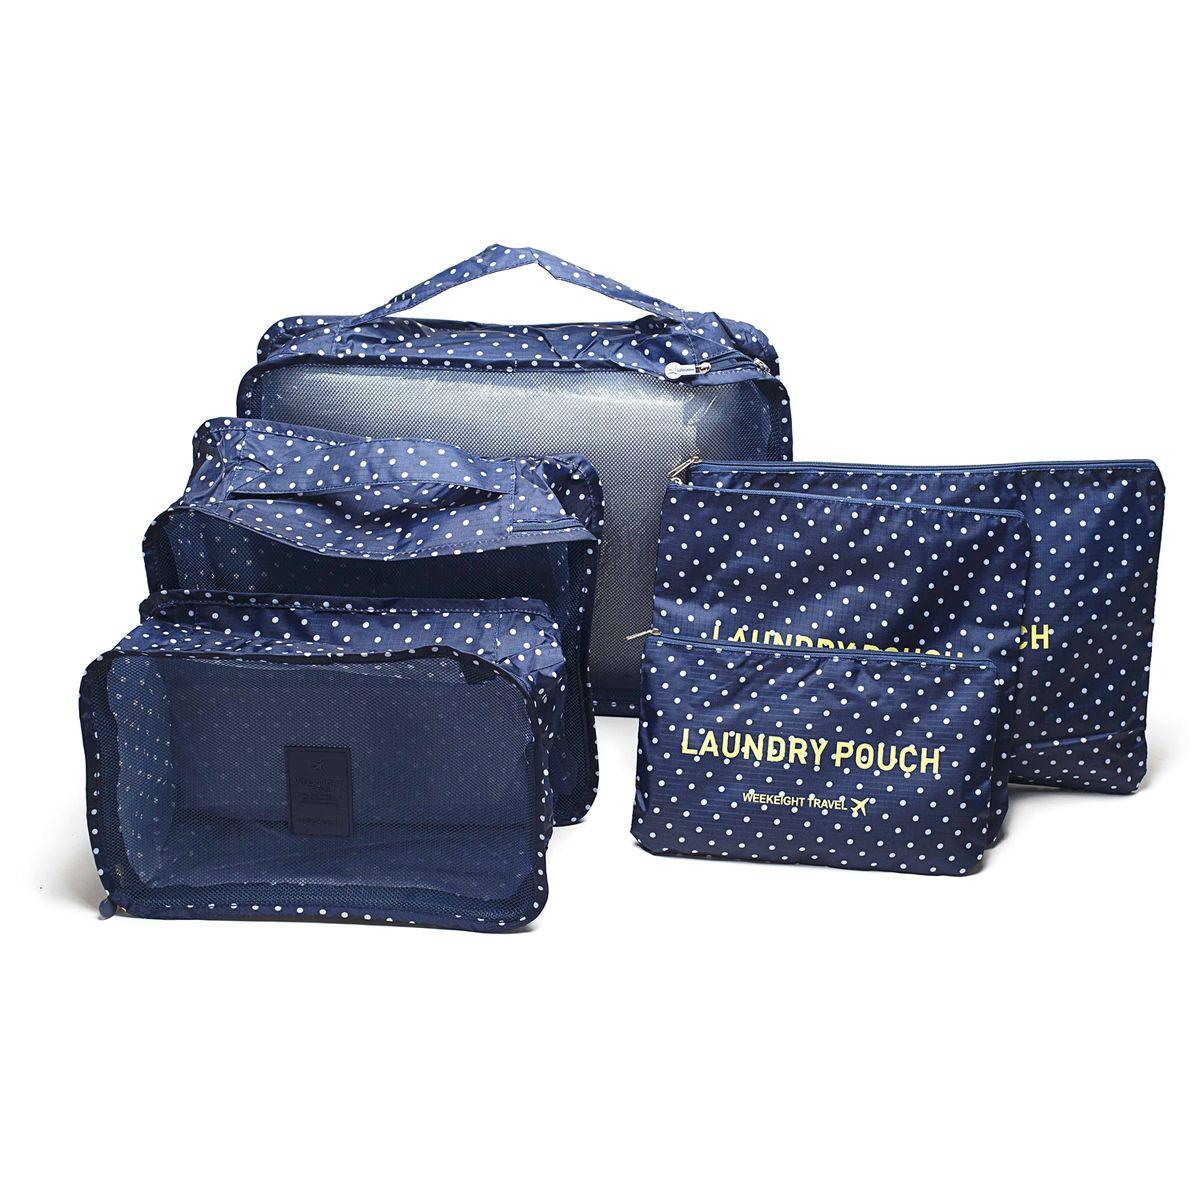 Набор органайзеров для багажа Homsu, 6 предметов8812Набор органайзеров для багажа Homsu выполнен из полиэстера и оснащен молниями. В комплекте собраны органайзеры для бюстгальтеров, нижнего белья, носков, одежды, косметики. Вы сможете распределить все вещи, которые возьмете с собой таким образом, чтобы всегда иметь быстрый доступ к ним. Органайзеры надежно защитят от пыли, грязи, влажности или механических повреждений. Размеры органайзеров: 40 x 30 x 12 см; 30 x 28 x 13 см; 30 x 21 x 13 см; 35 x 27 см; 27 x 25 см; 26 x 16 см.